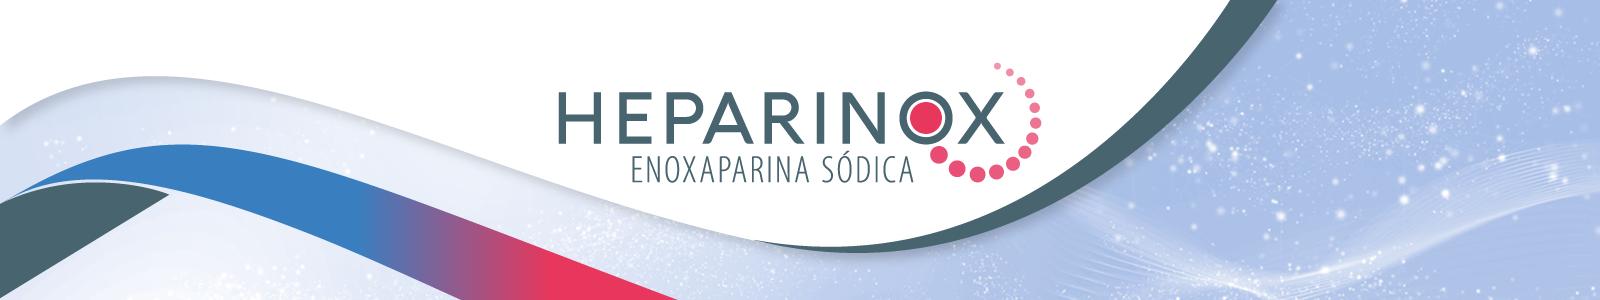 TVP-Banners-heparinox-teste-Prancheta 1